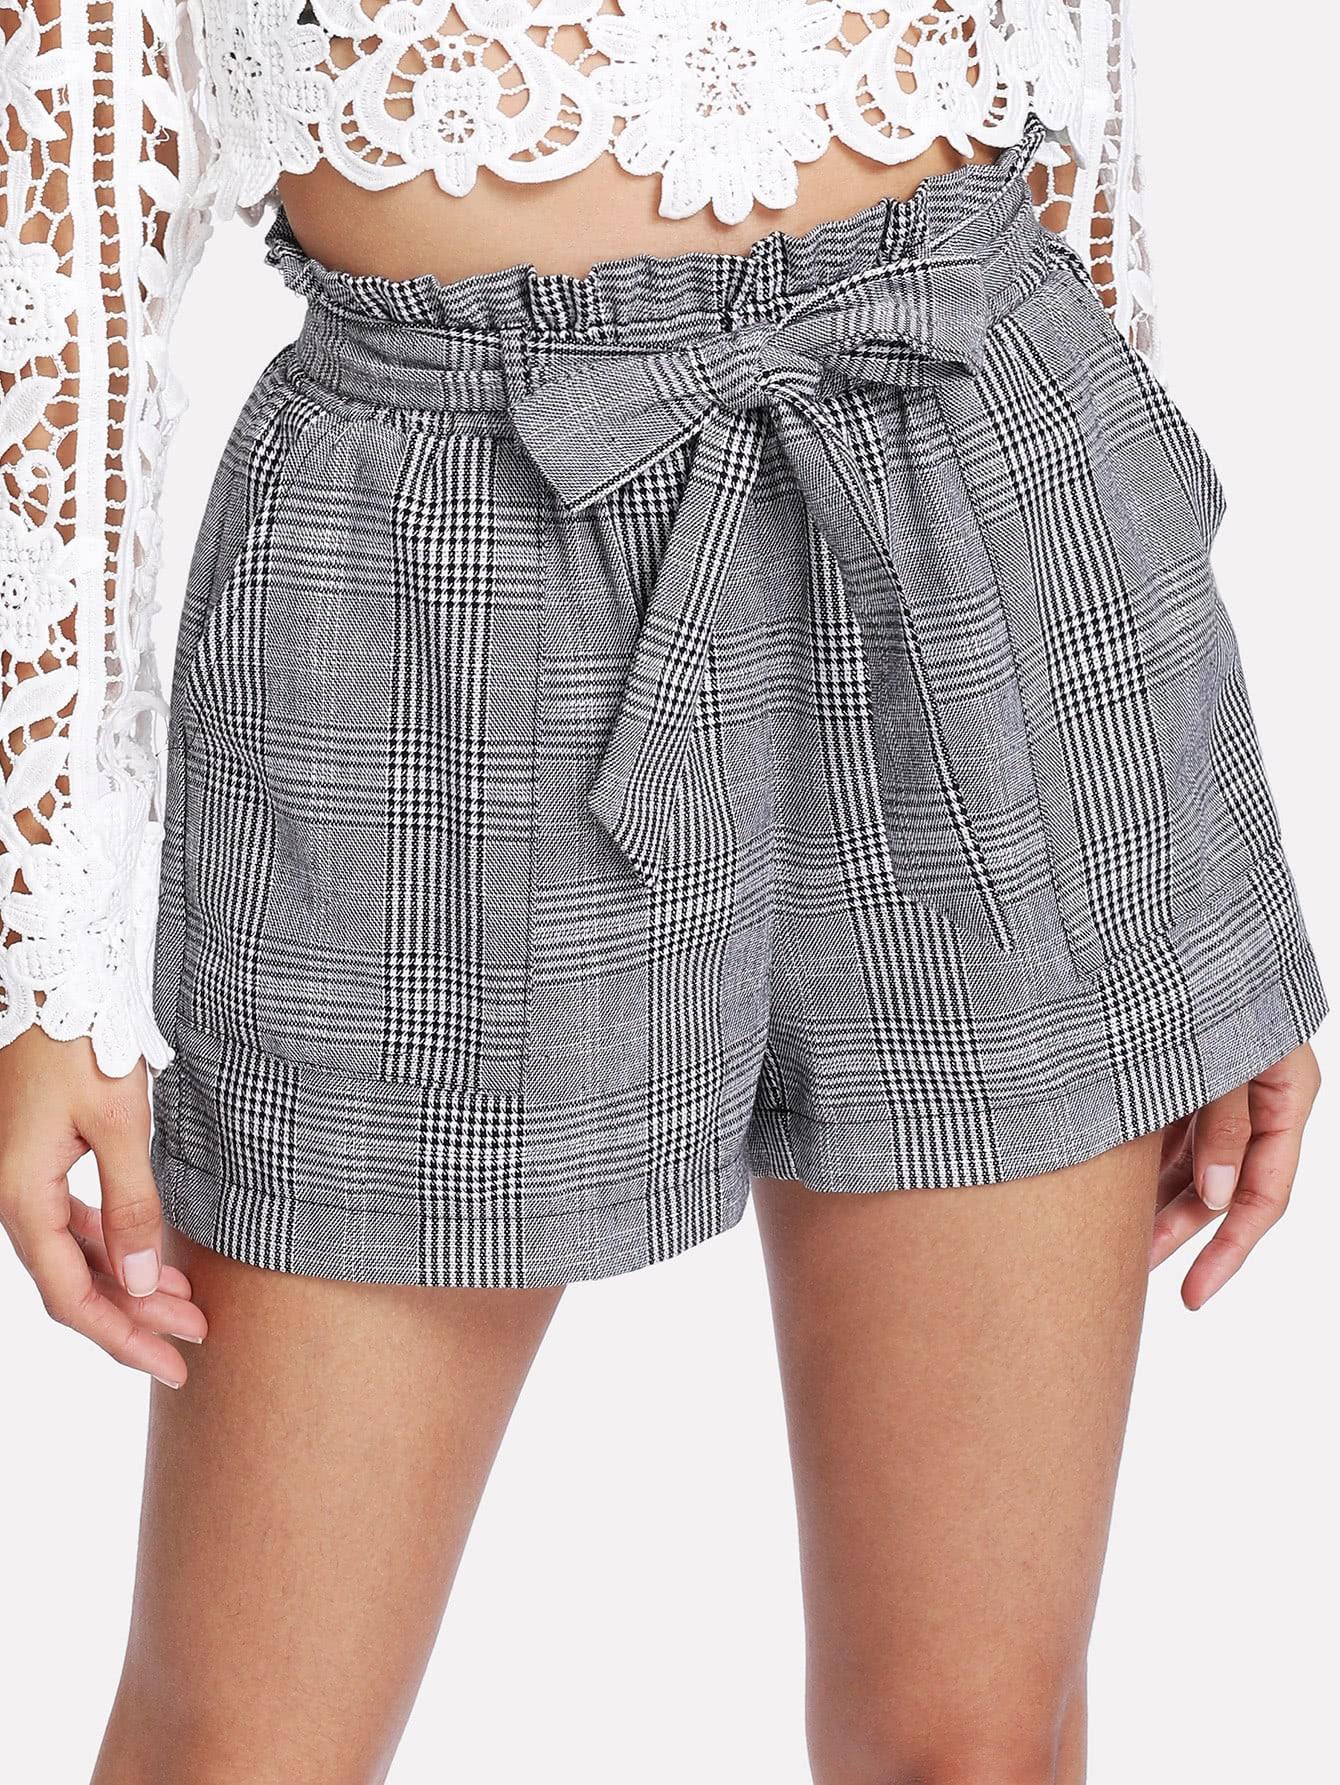 Модные клетчатые шорты с поясом, Gabi B, SheIn  - купить со скидкой